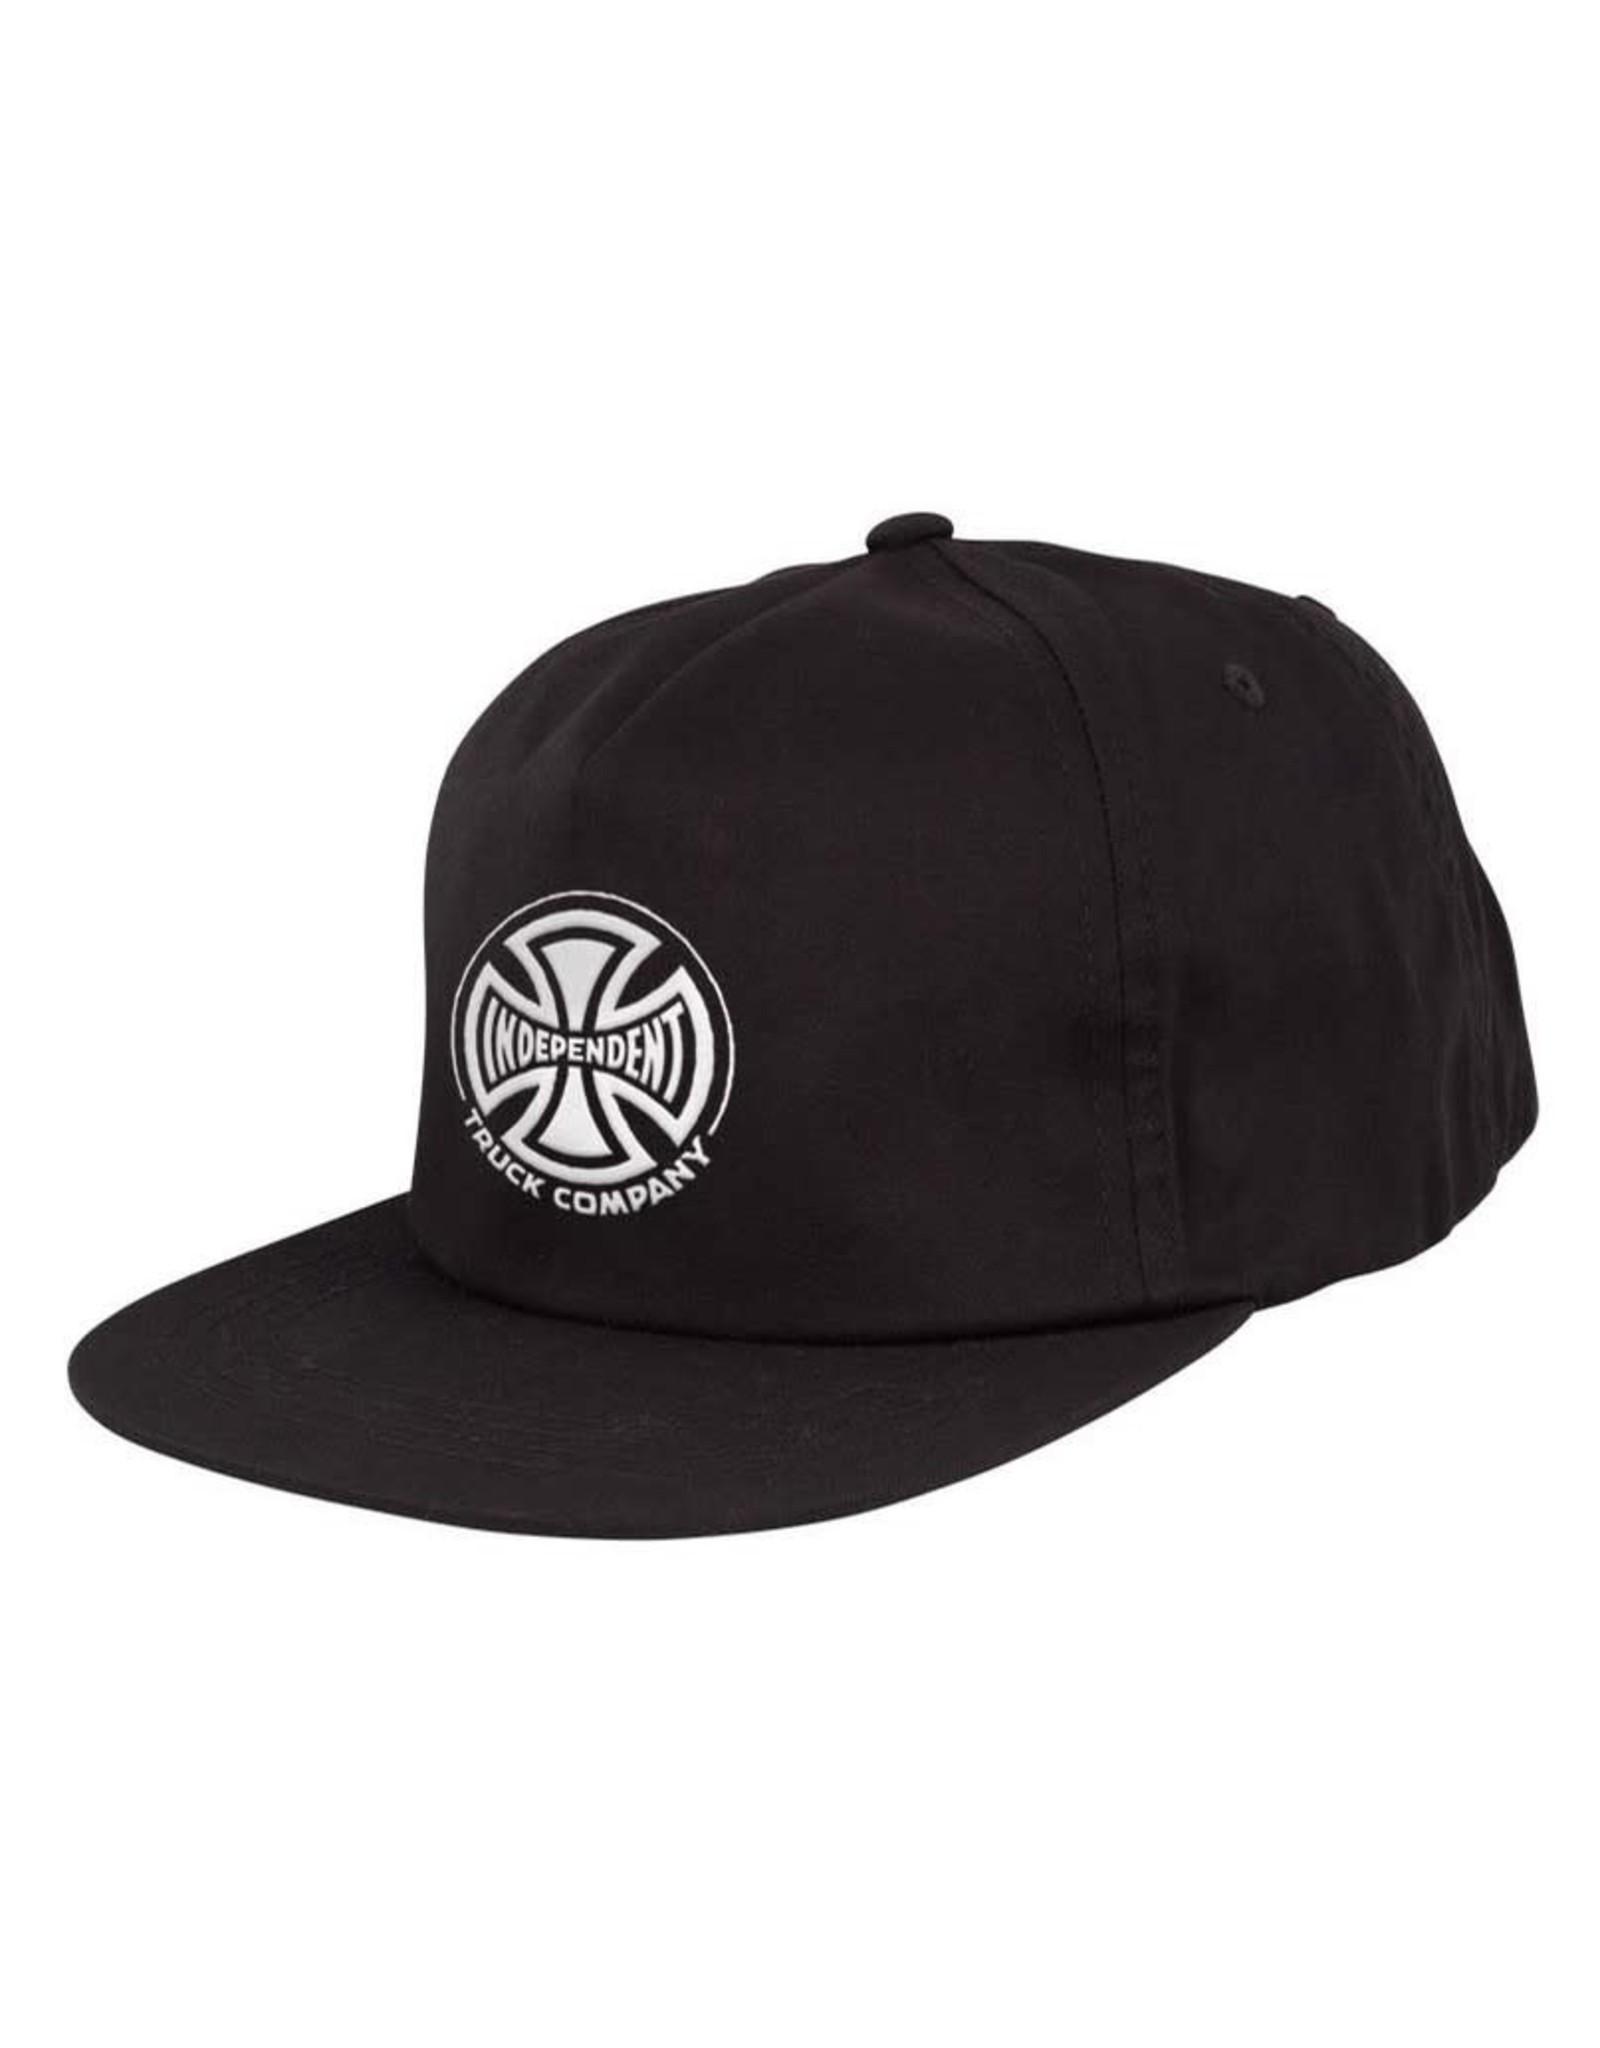 INDY INDEPENDENT HAT BLACK UNSTRUC. SNAPBACK